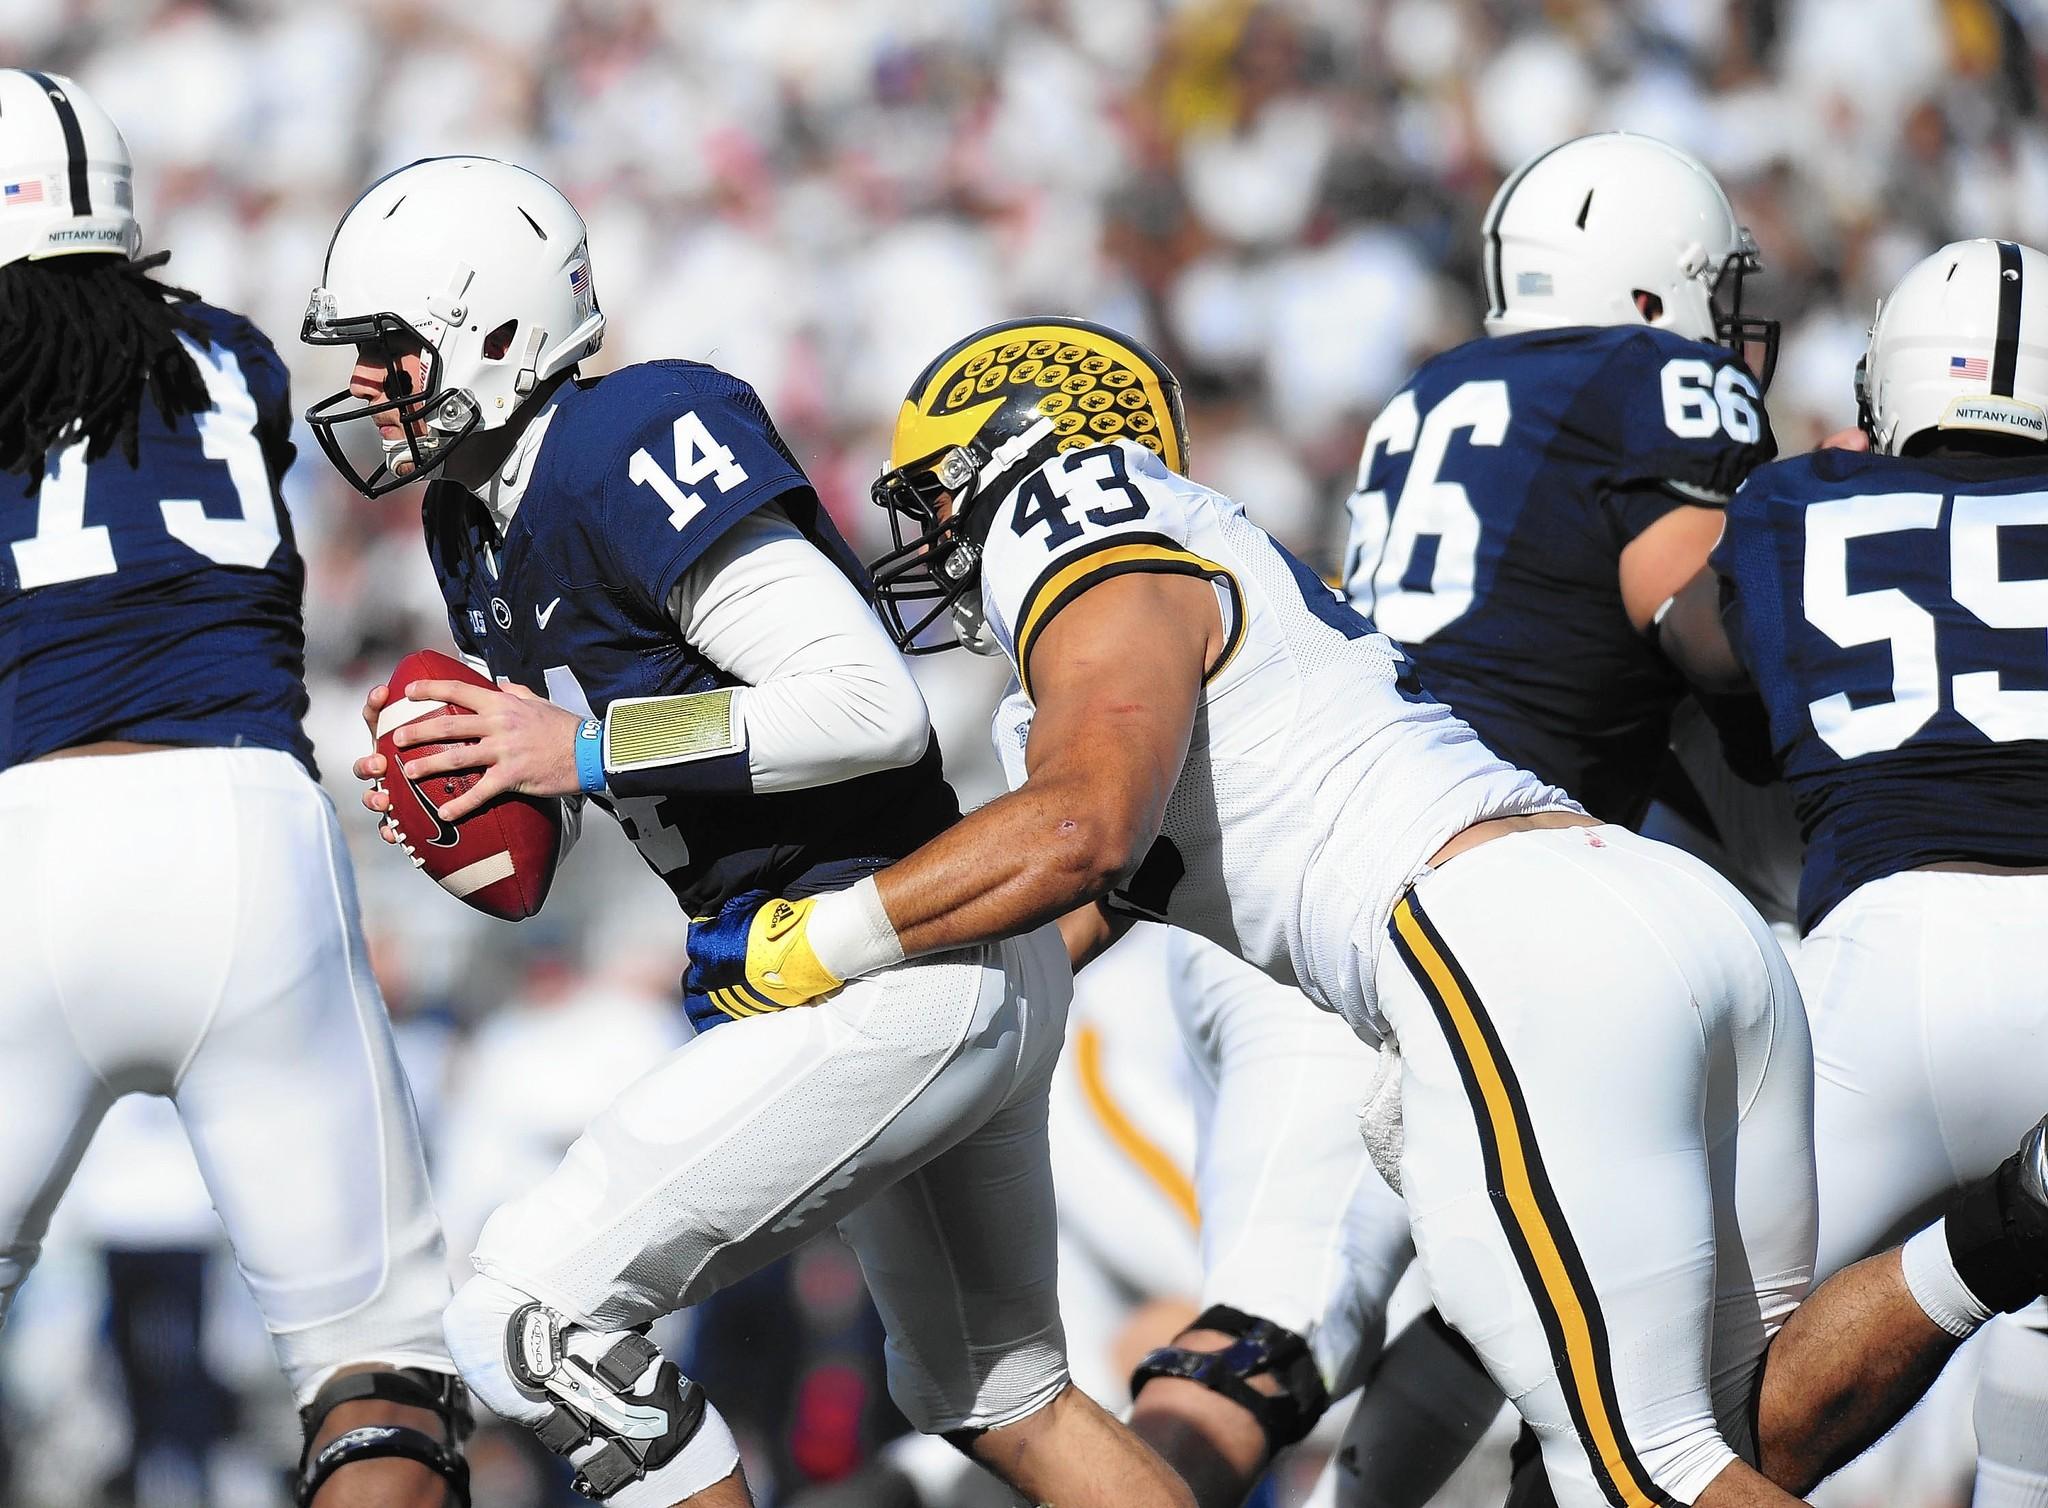 College quarterback ass pounding team mate